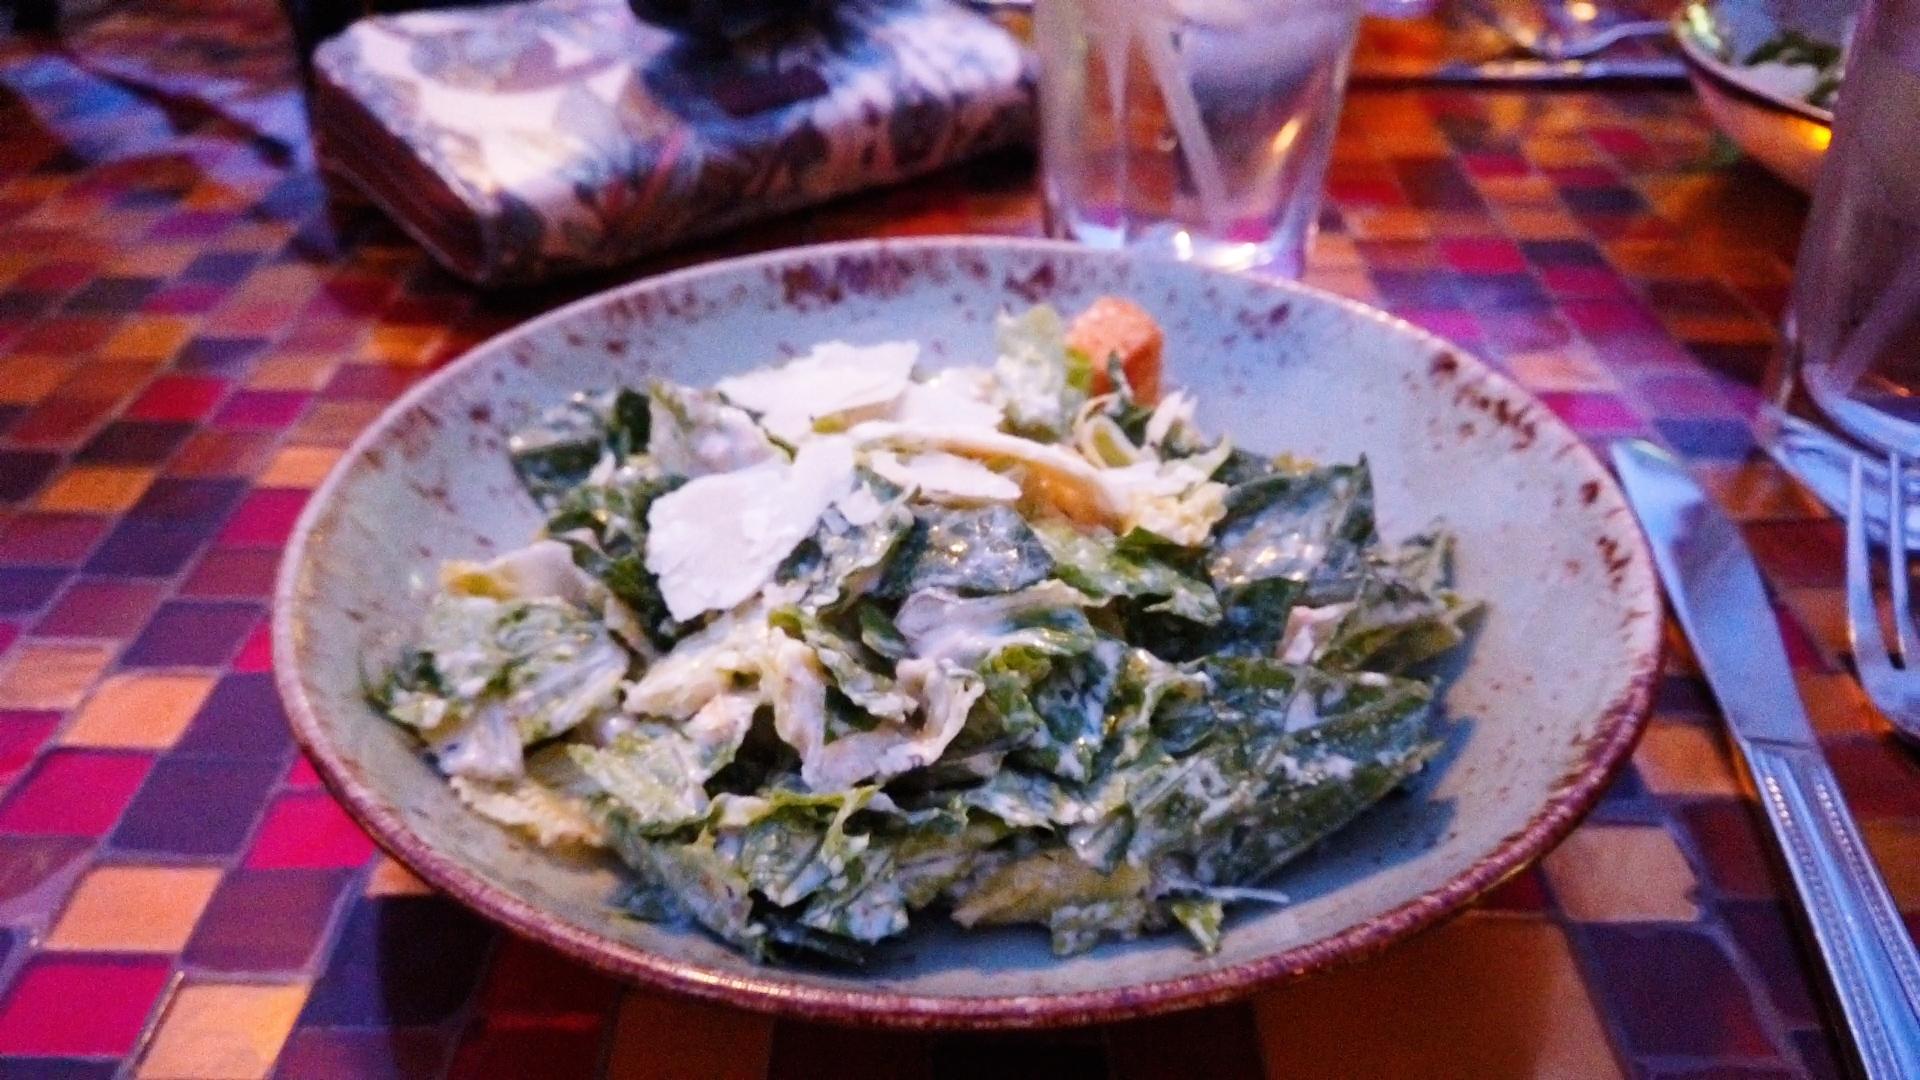 caesar's palace caesar salad